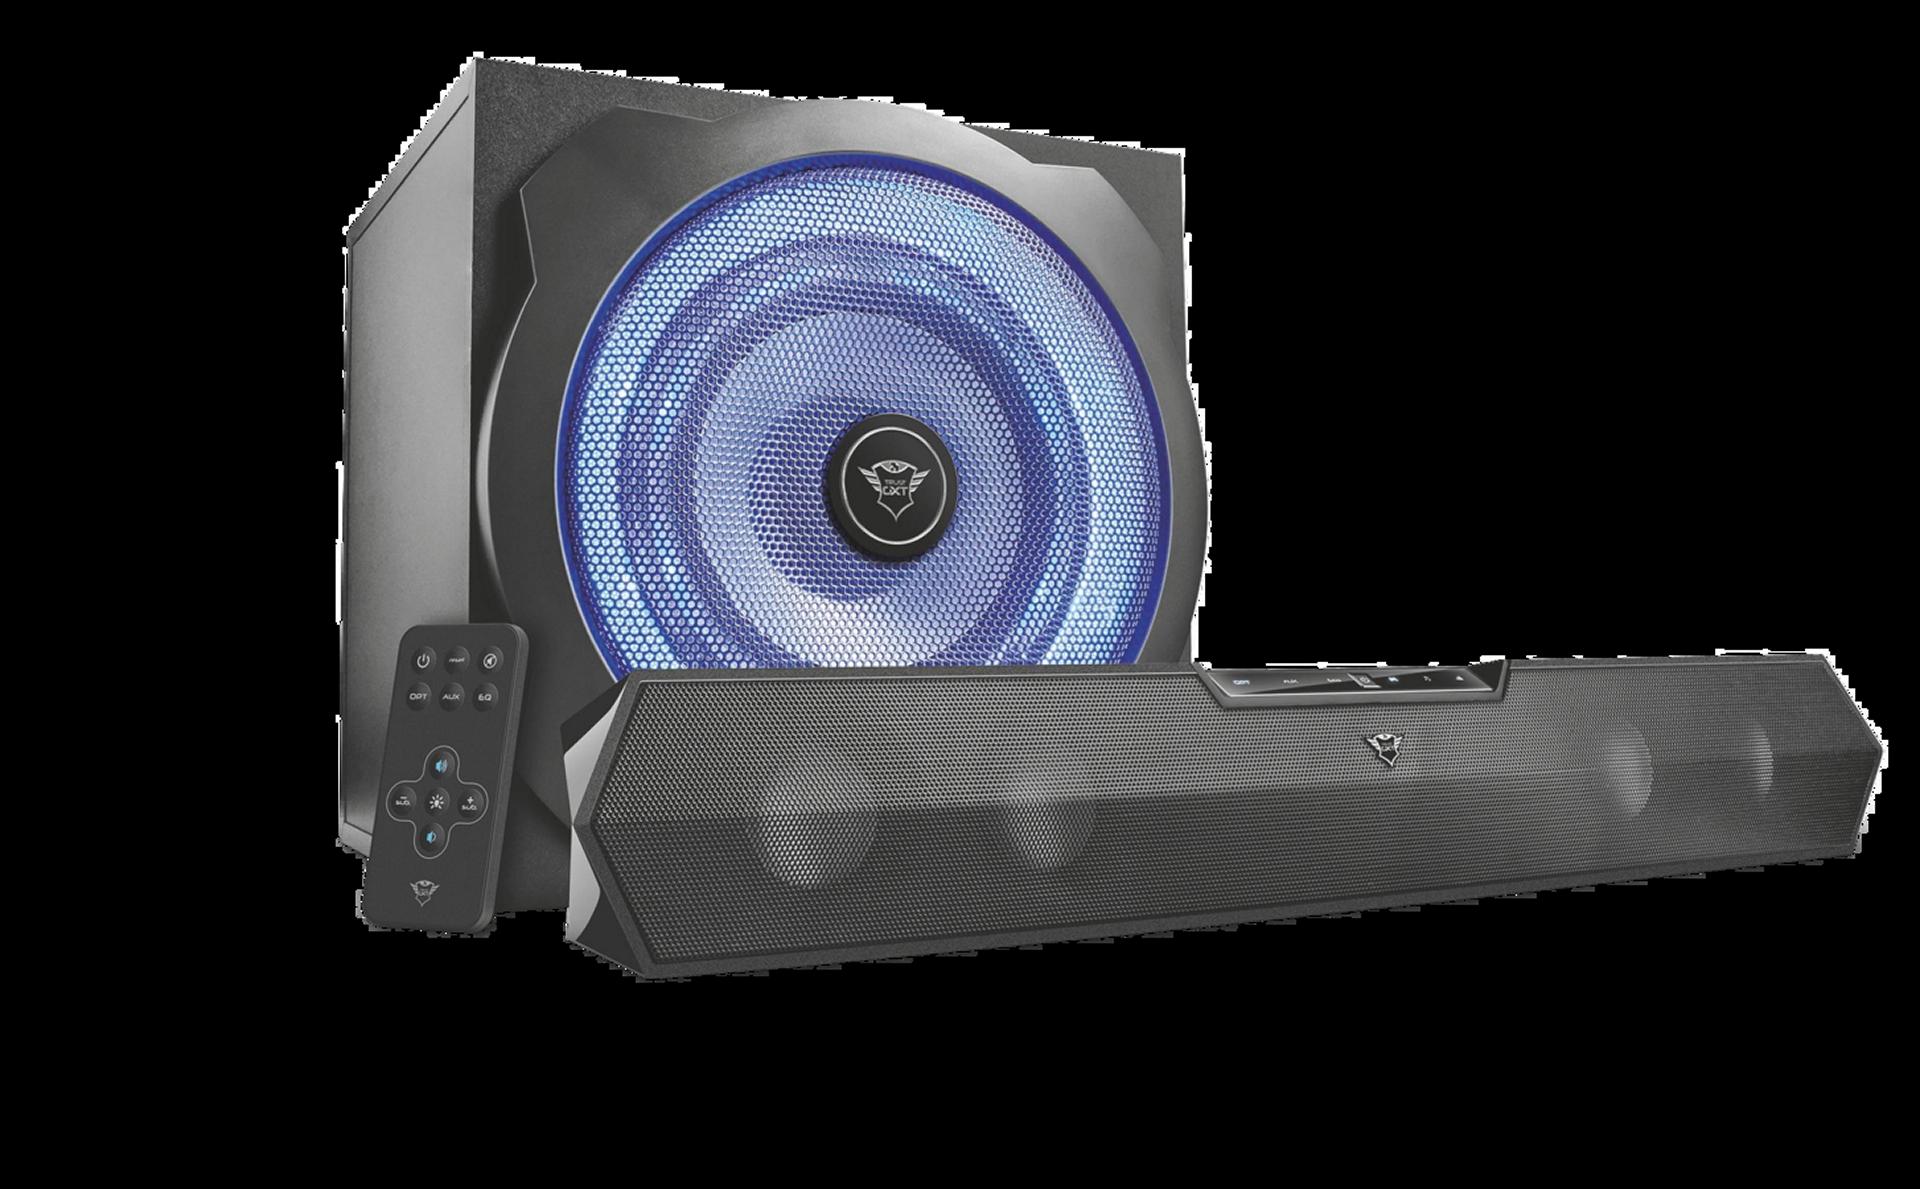 zvuk. systém TRUST GXT 668 Tytan 2.1 Soundbar